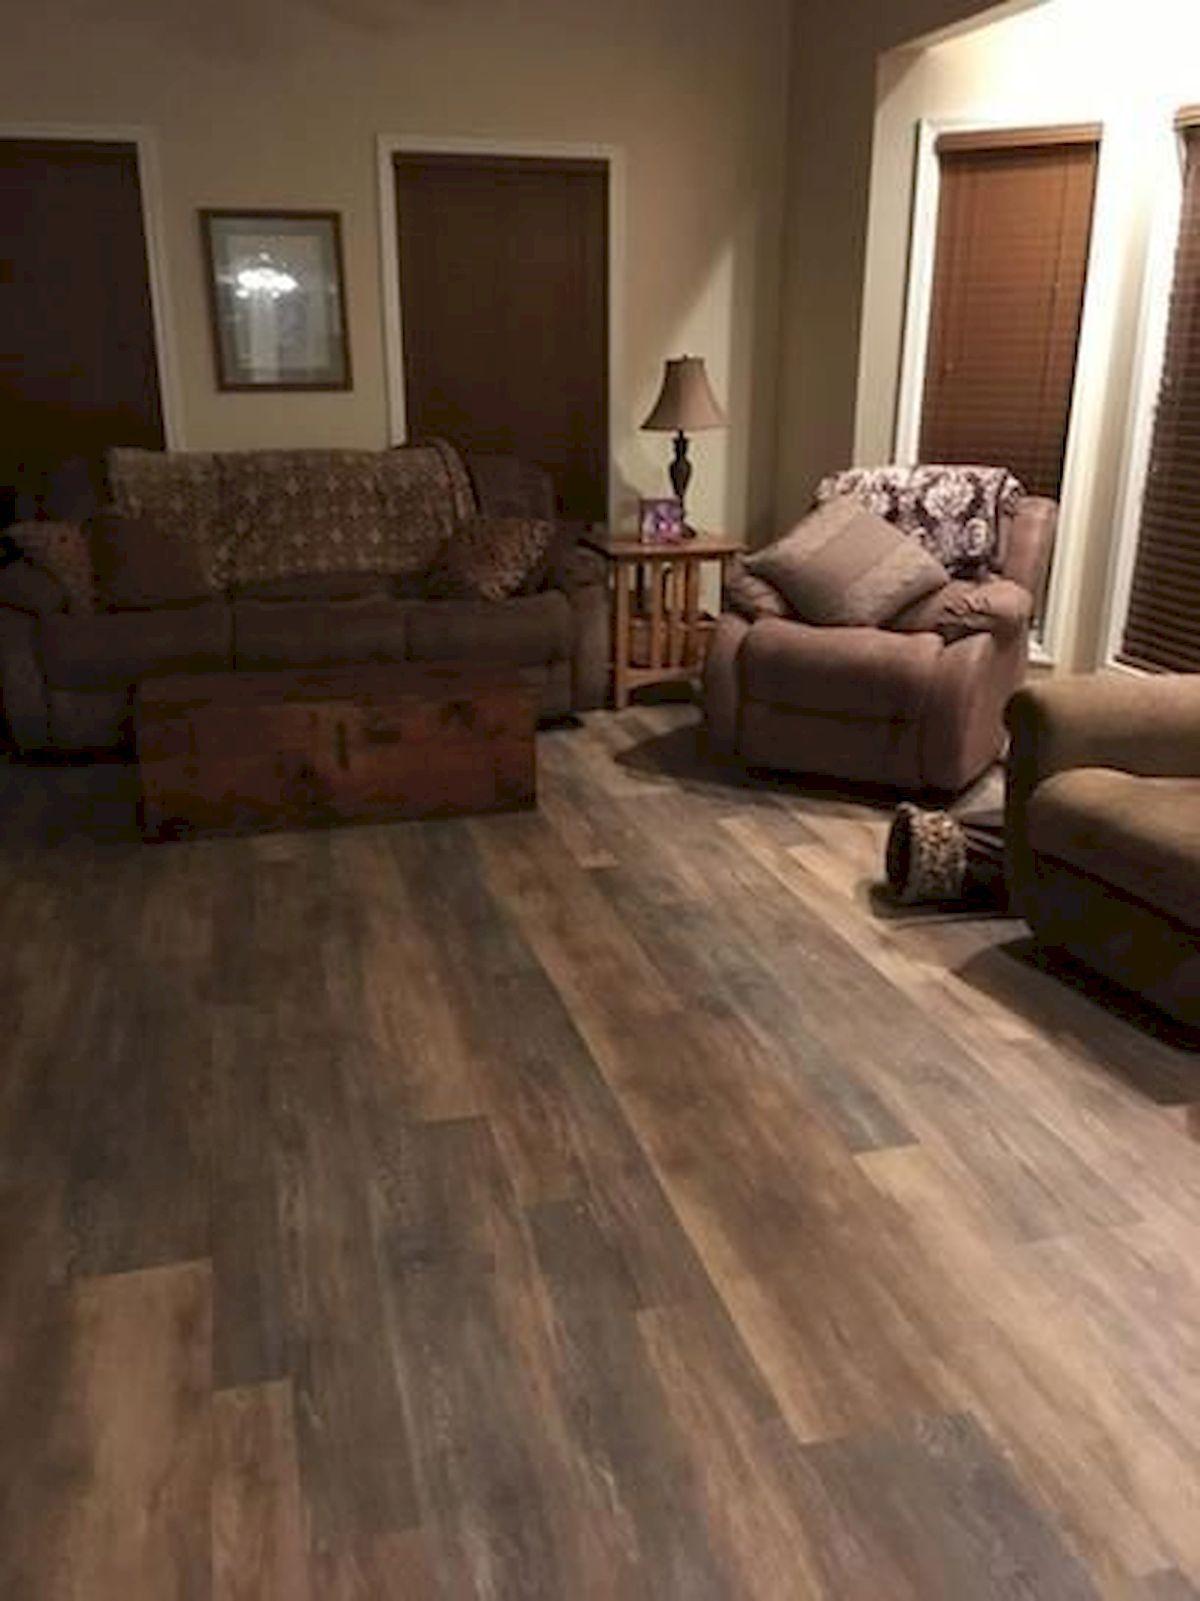 40 Best Farmhouse Floors 25 Ideaboz Luxury Vinyl Plank Flooring Farmhouse Flooring Luxury Vinyl Plank